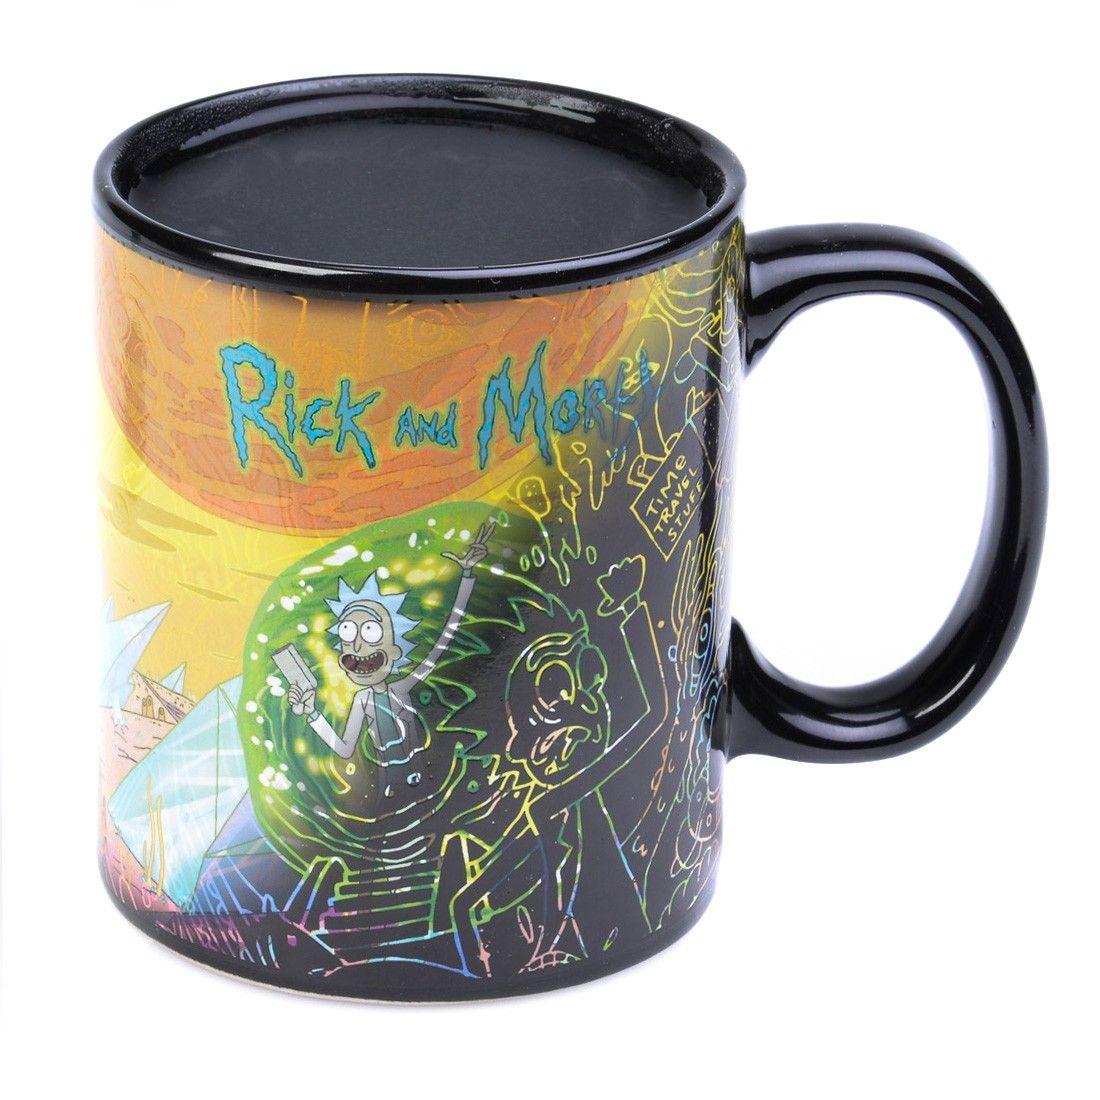 Mug Sur S Rickamp; Factory Thermoreactif Morty PortalsDisponible n80mNvw